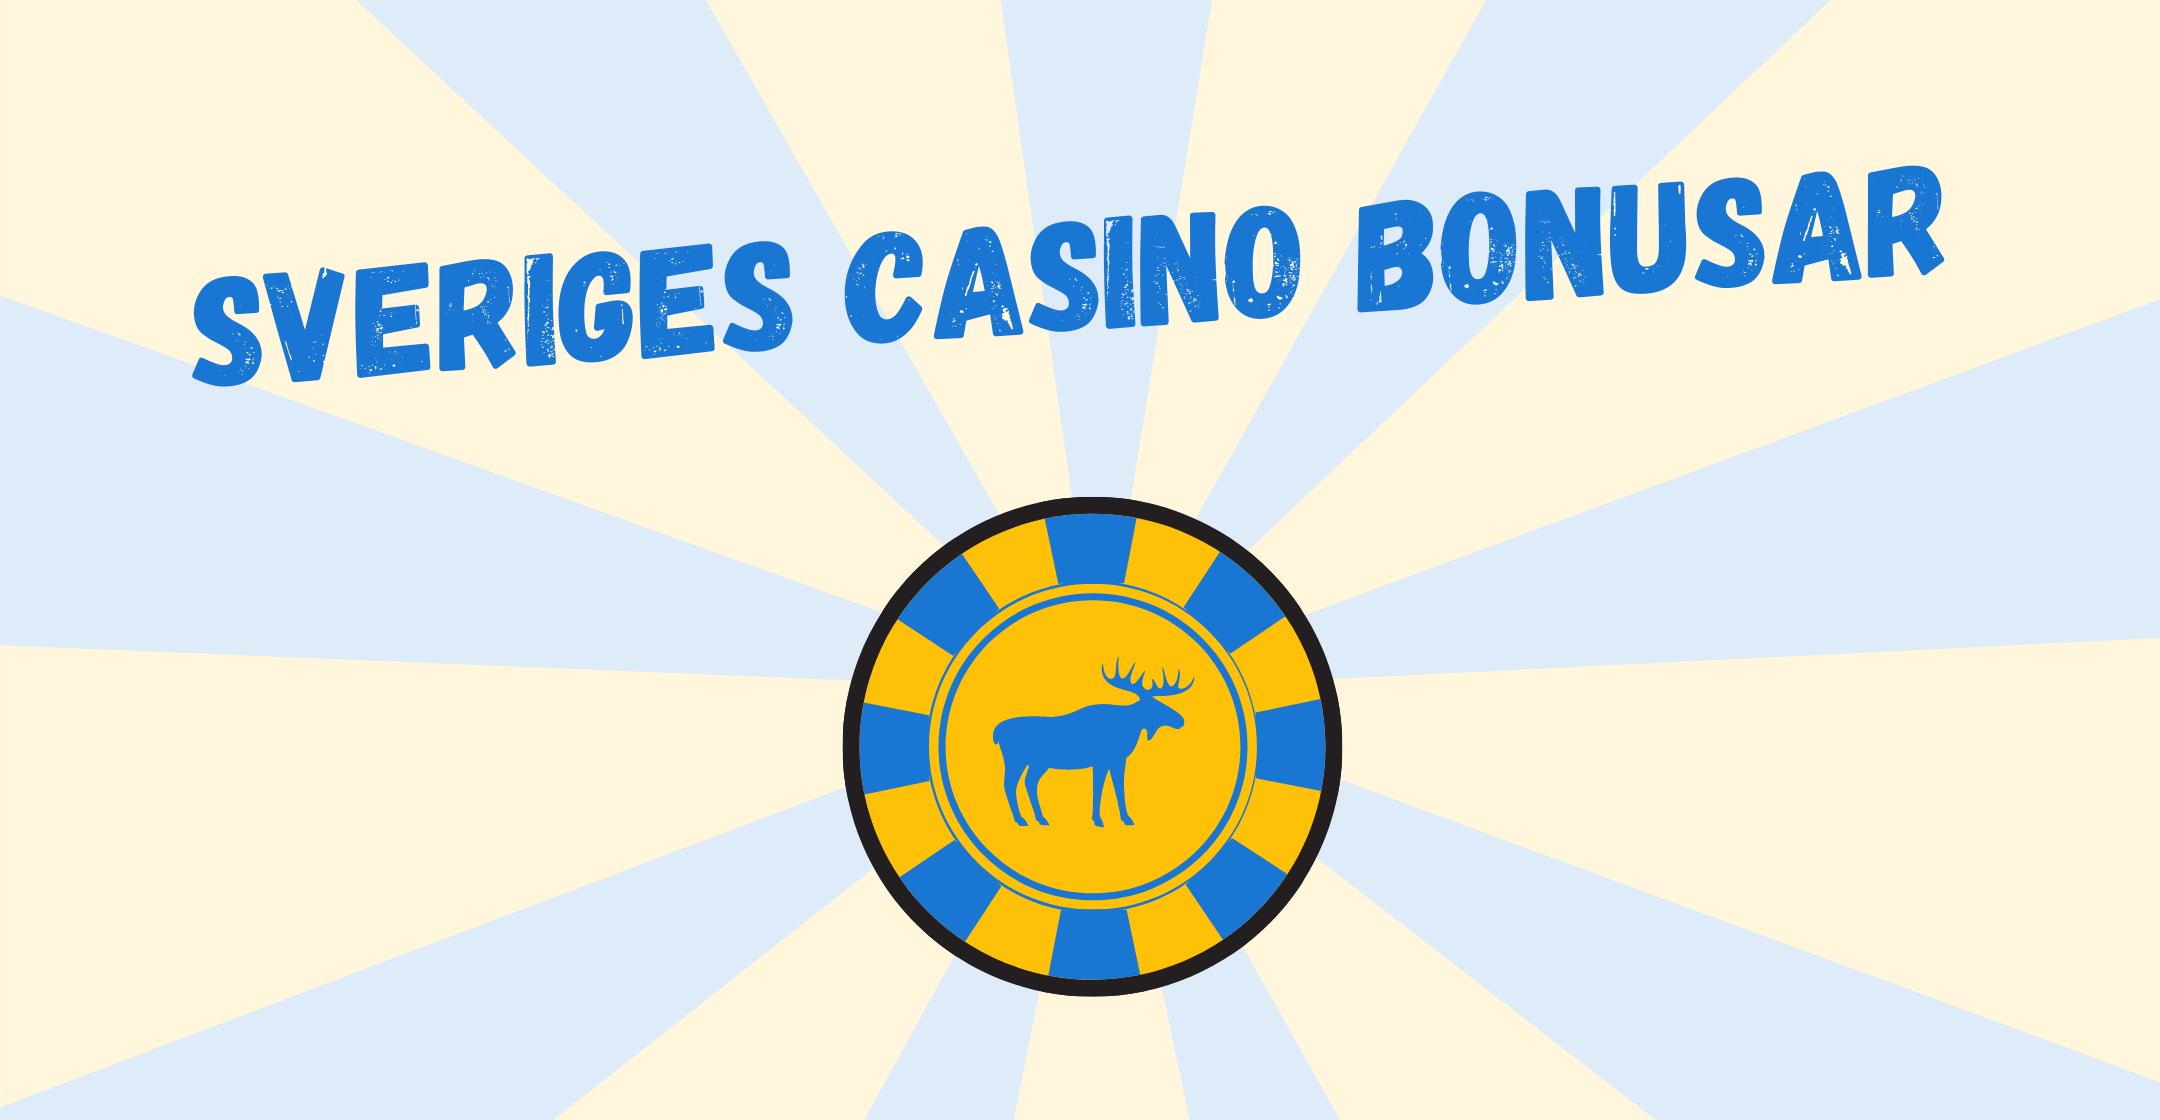 Sveriges Casino Bonusar